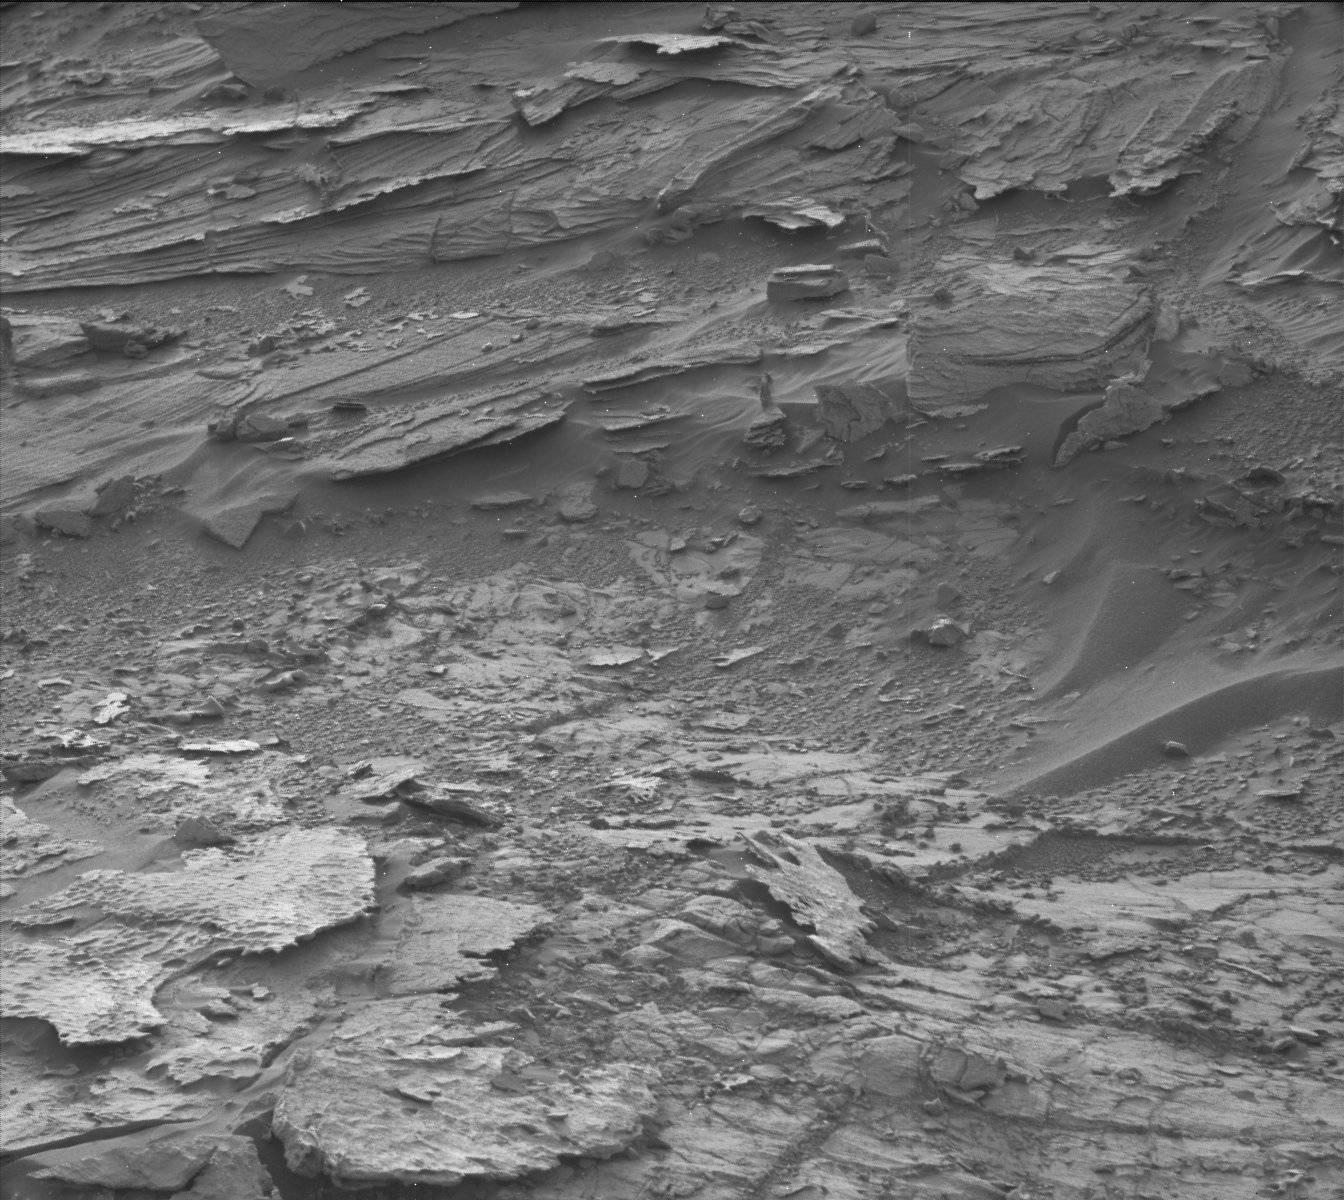 외계인 여성으로 보이는 사진이 화성 탐사선에 의해 찍히다.